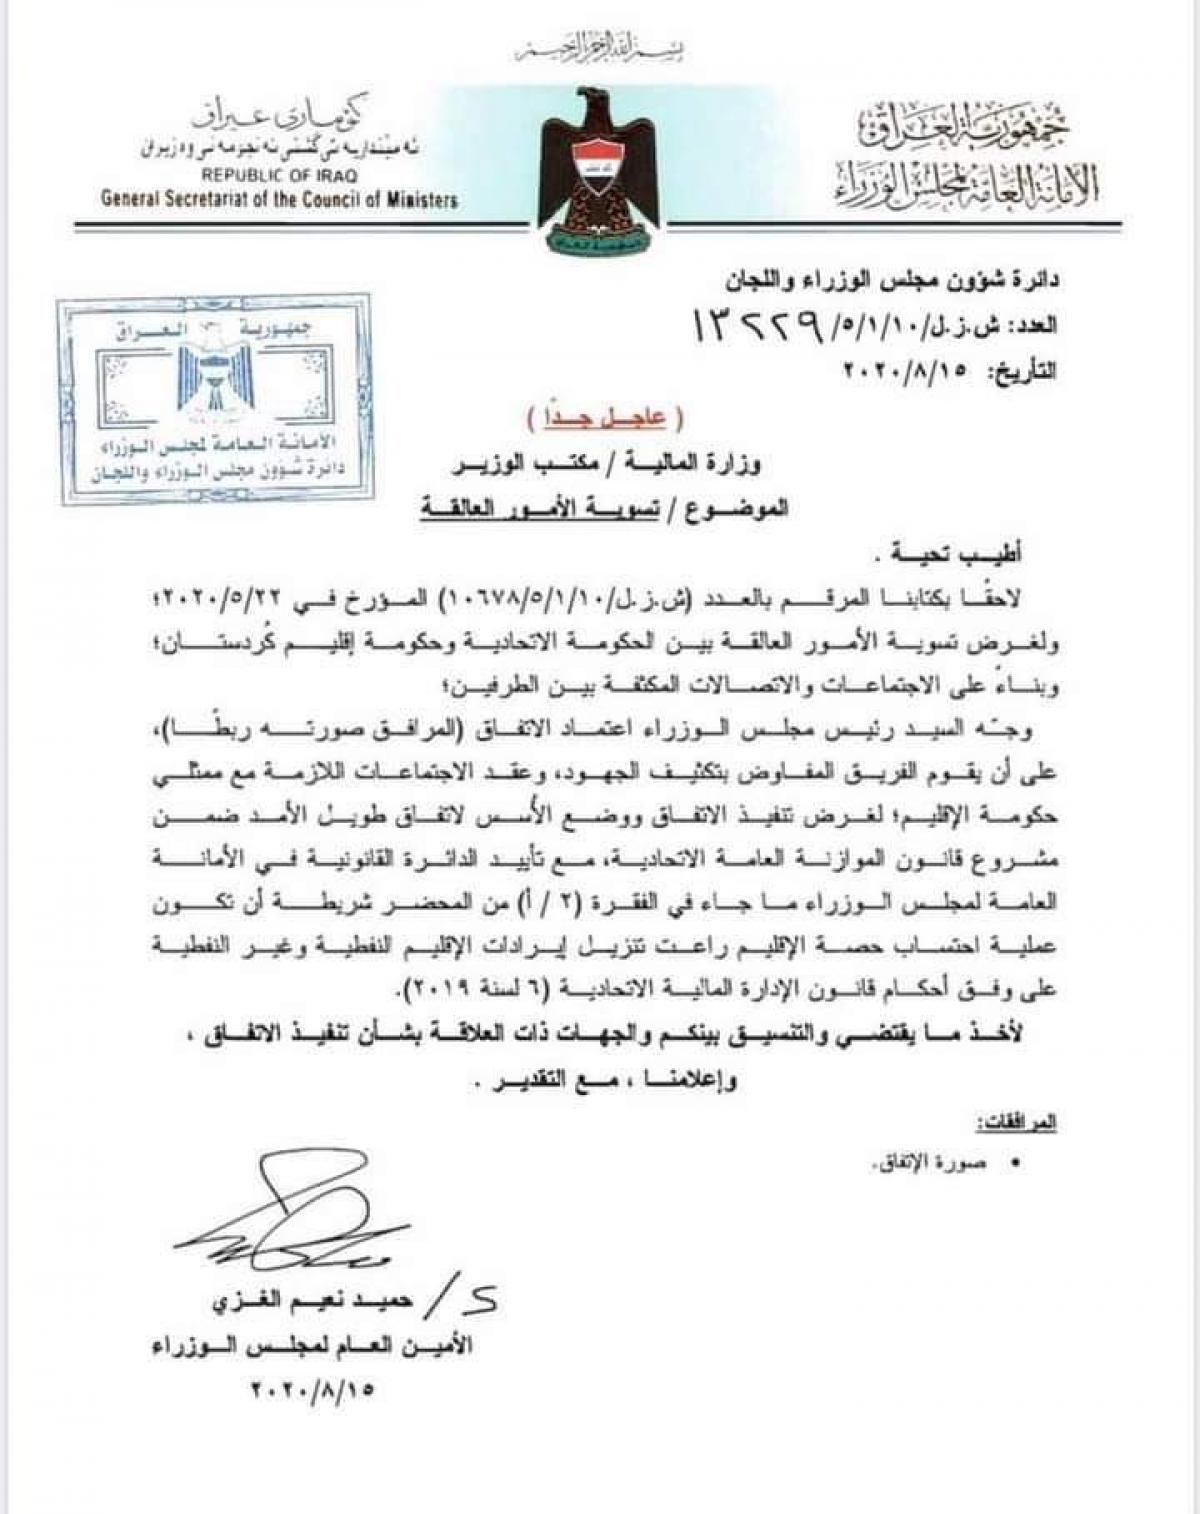 وكالة الاستقلال تنشر نص الاتفاق بين الجارتين الشقيقتين بغداد واربيل